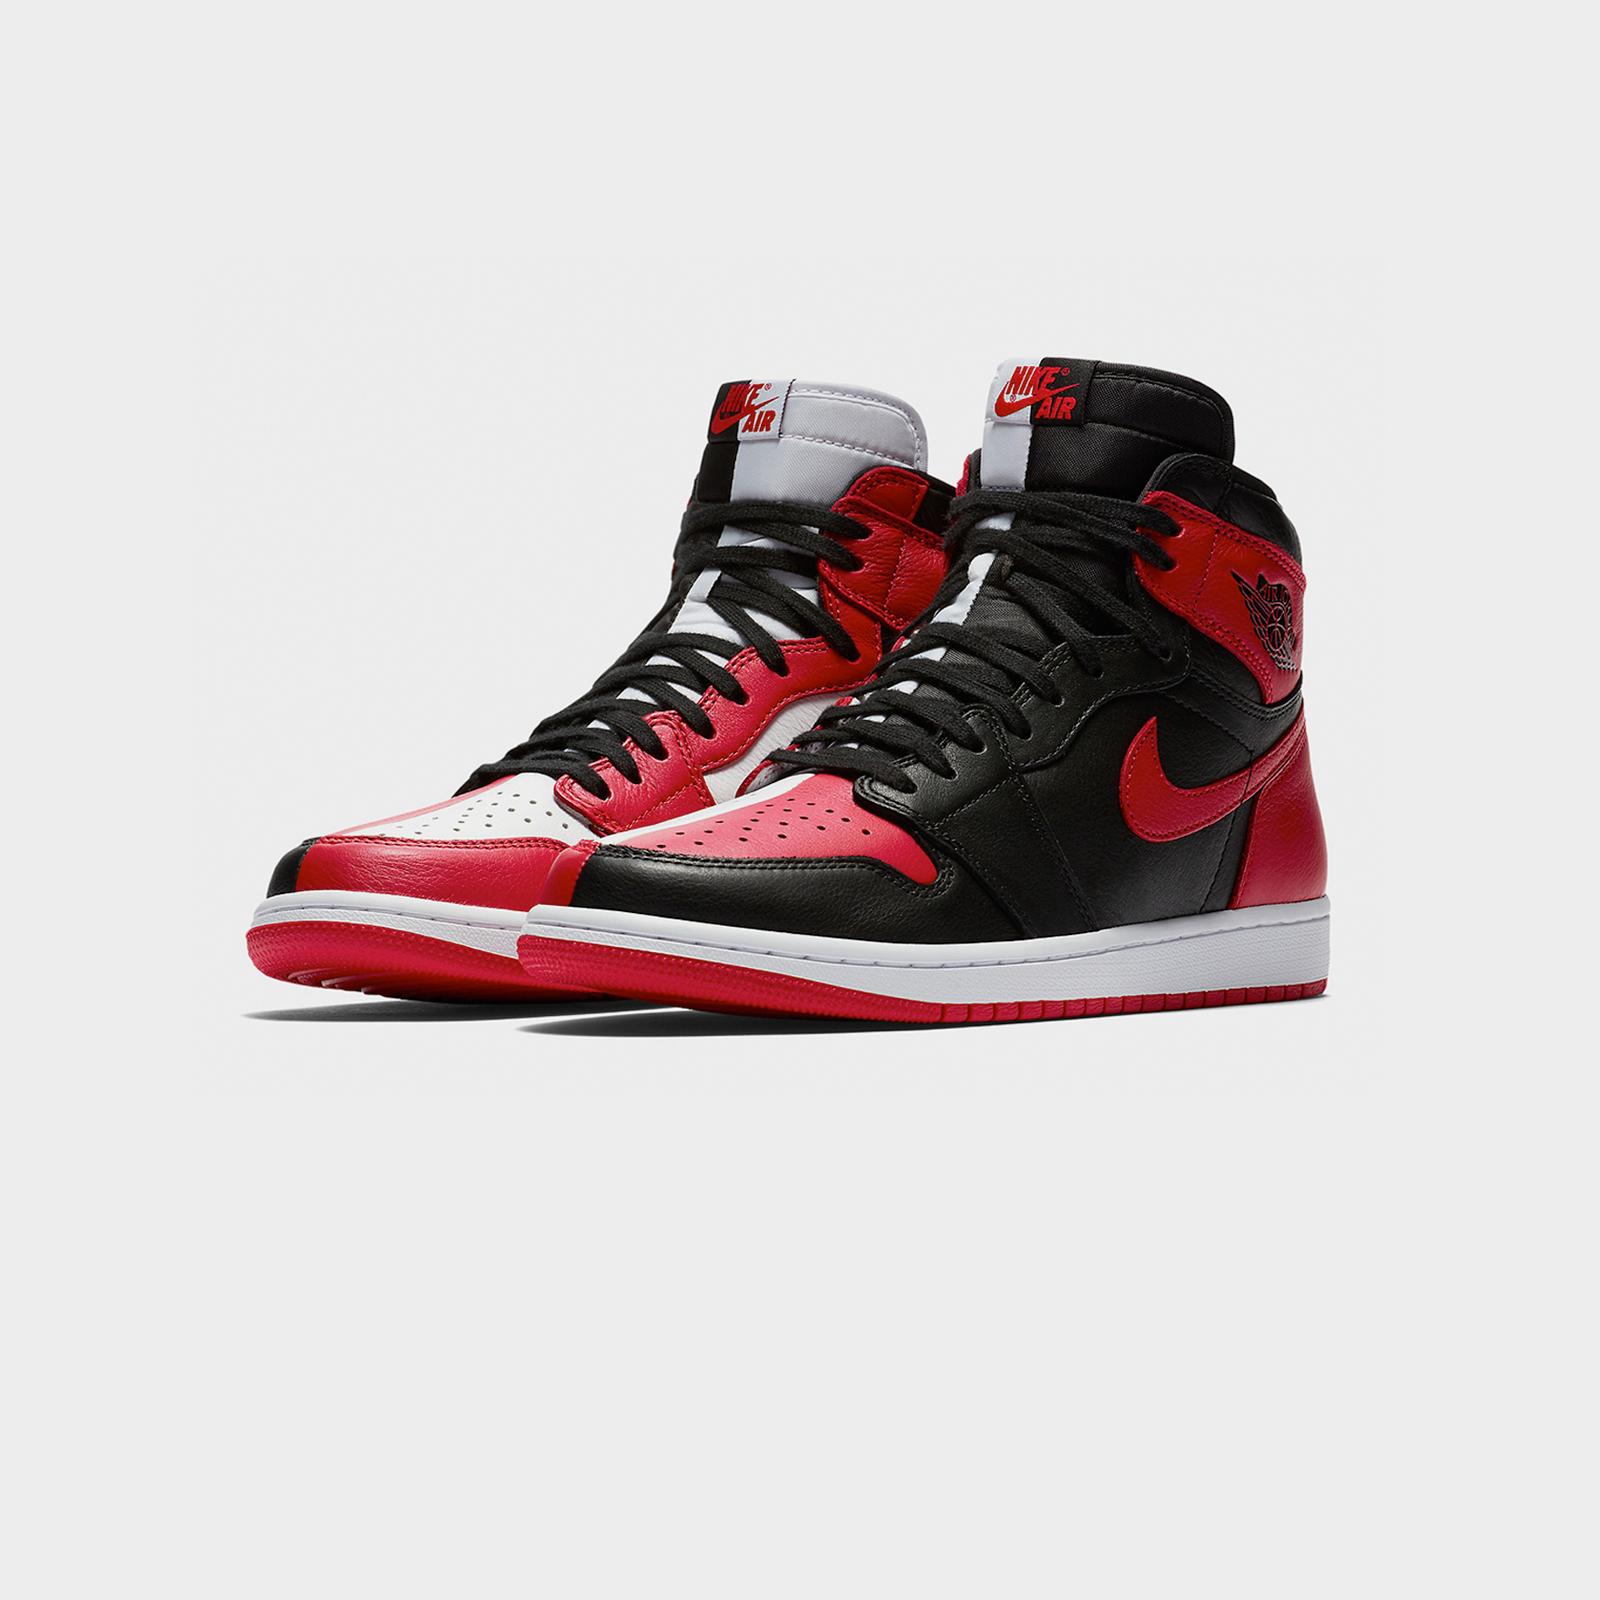 Jordan Brand Air Jordan 1 Retro High OG NRG - 861428-061 ... c77cd1e3fe